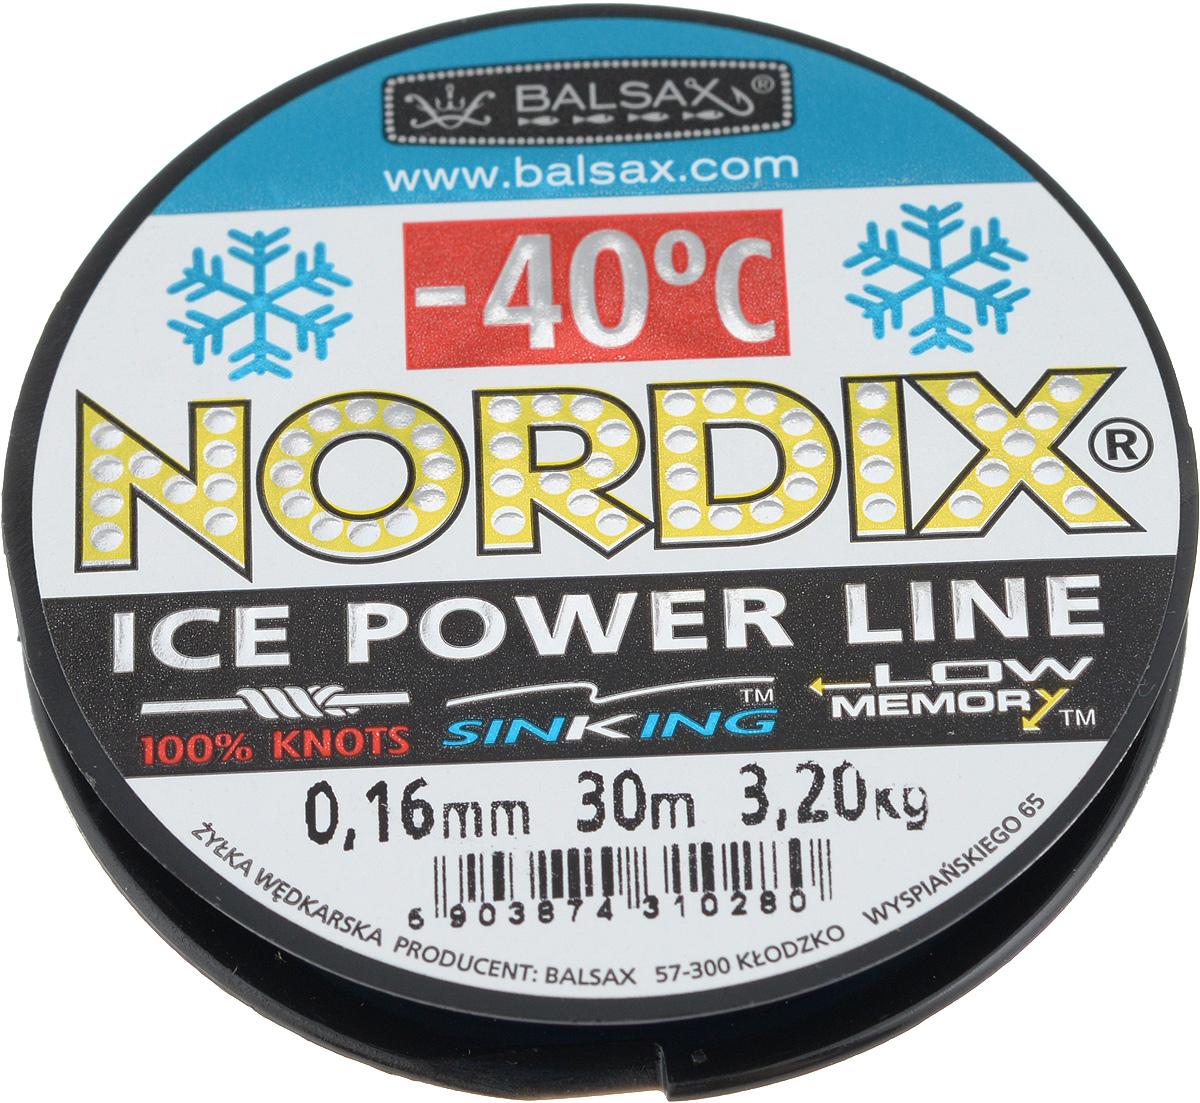 Леска зимняя Balsax Nordix, 30 м, 0,16 мм, 3,2 кг310-12016Леска Balsax Nordix изготовлена из 100% нейлона и очень хорошо выдерживает низкие температуры. Даже в самом холодном климате, при температуре вплоть до -40°C, она сохраняет свои свойства практически без изменений, в то время как традиционные лески становятся менее эластичными и теряют прочность. Поверхность лески обработана таким образом, что она не обмерзает и отлично подходит для подледного лова. Прочна в местах вязки узлов даже при минимальном диаметре.